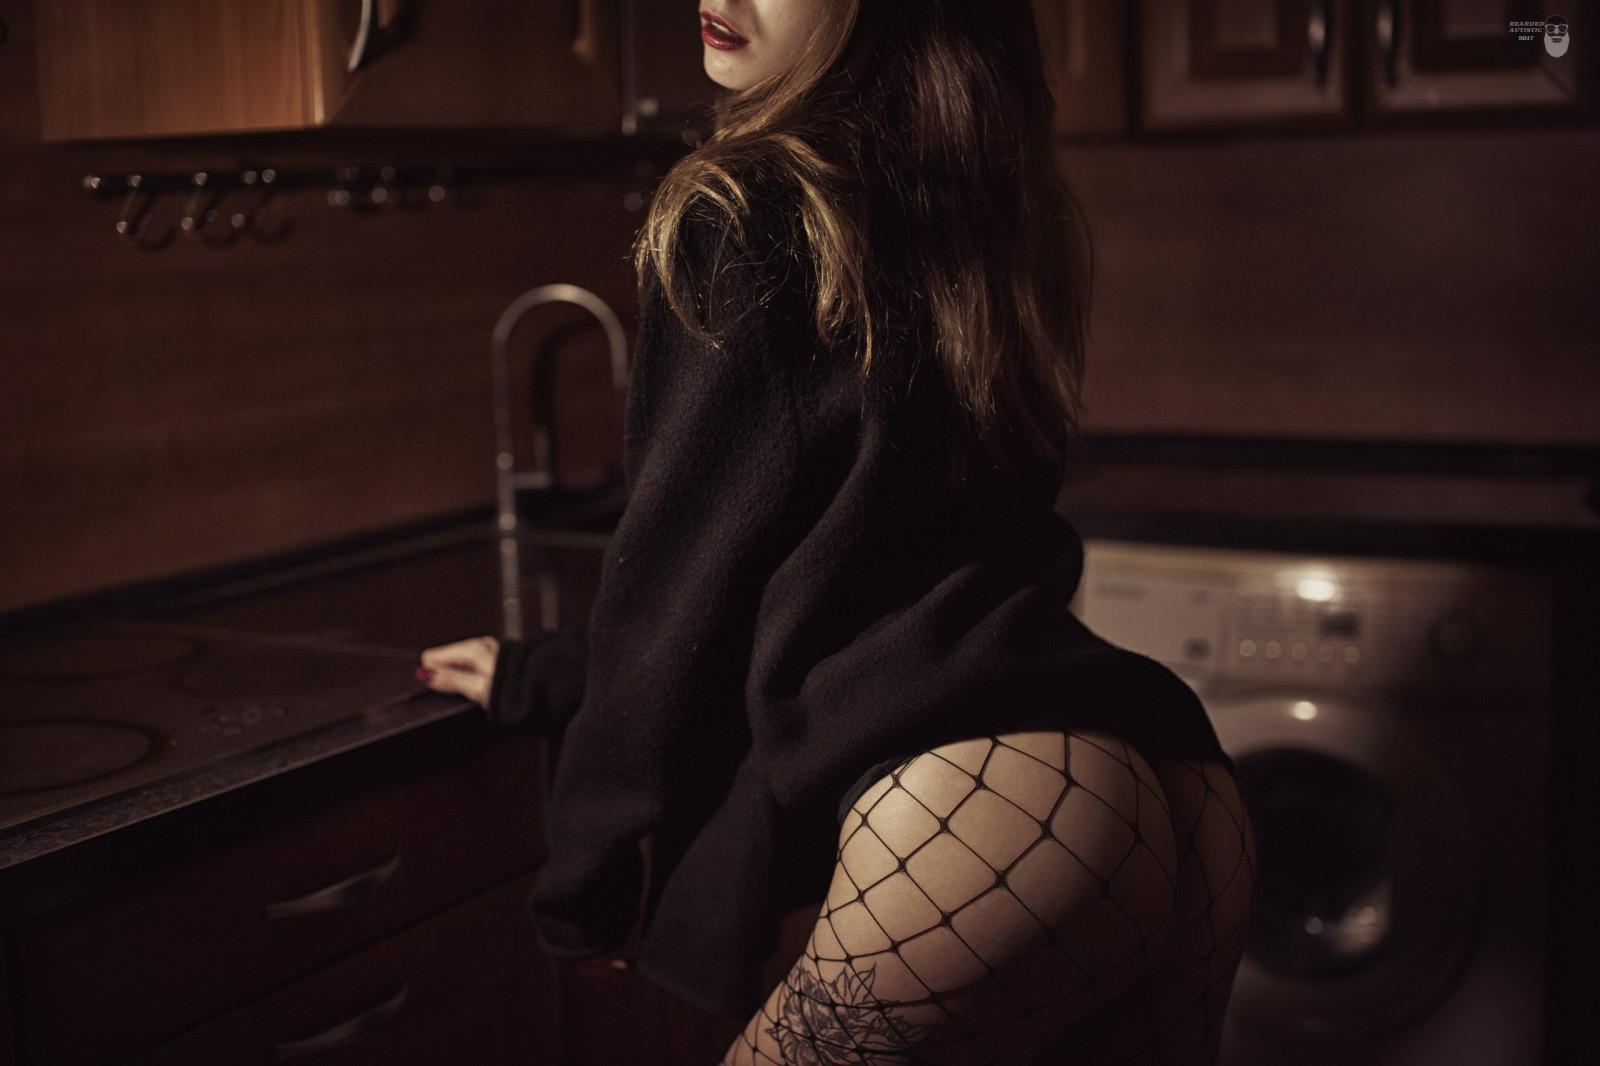 Wallpaper : women, brunette, lingerie, black stockings